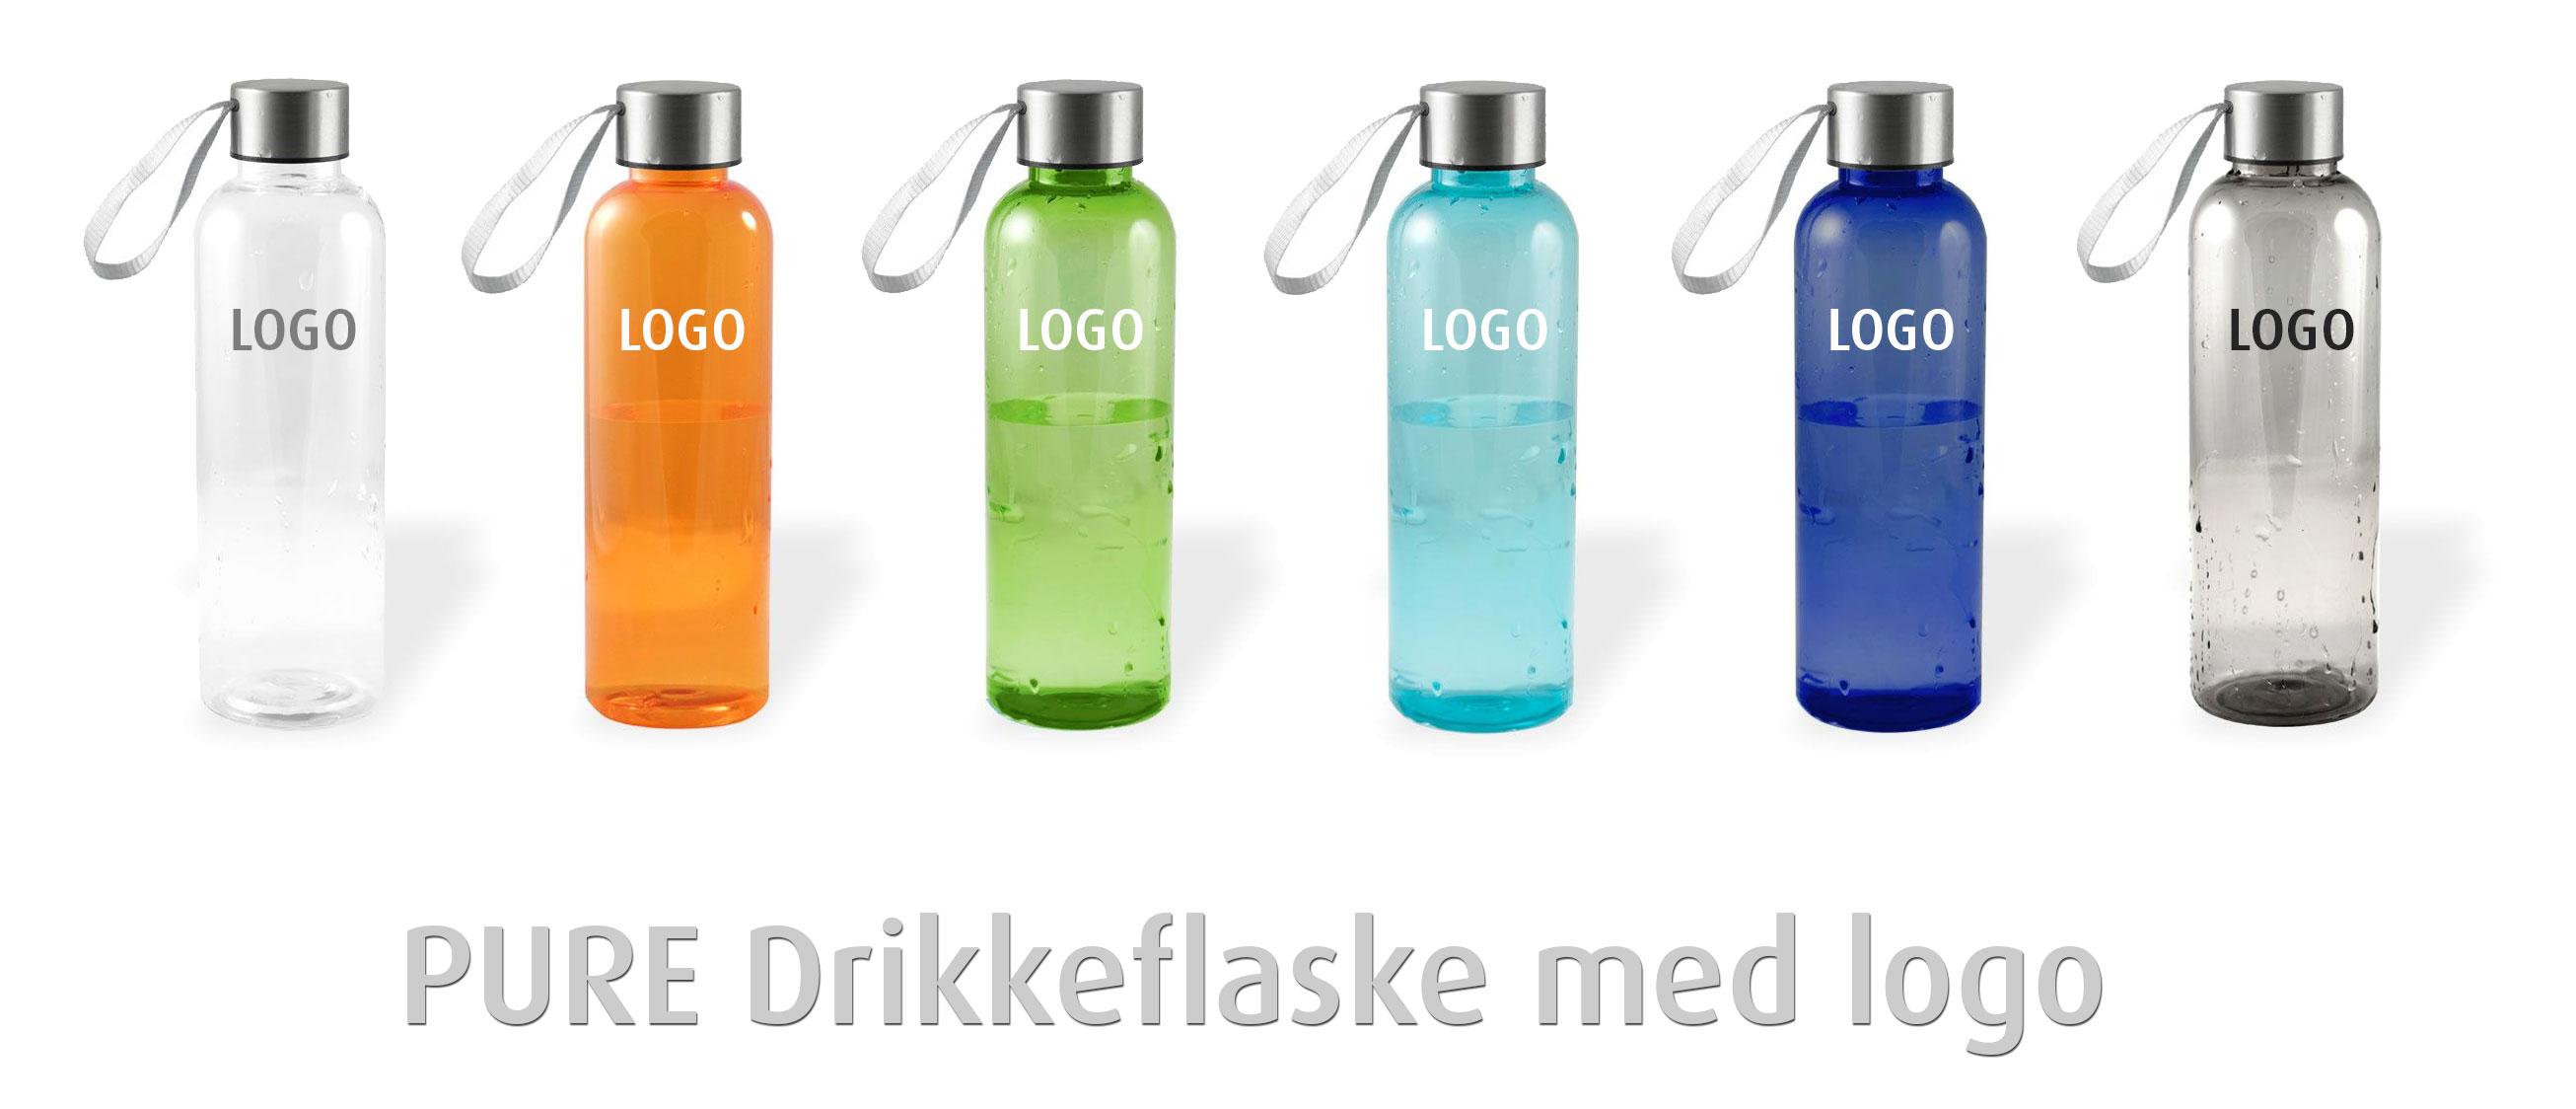 aabb2624 Firmagaver og reklameartikler med logo - Lave priser på trykk og ...